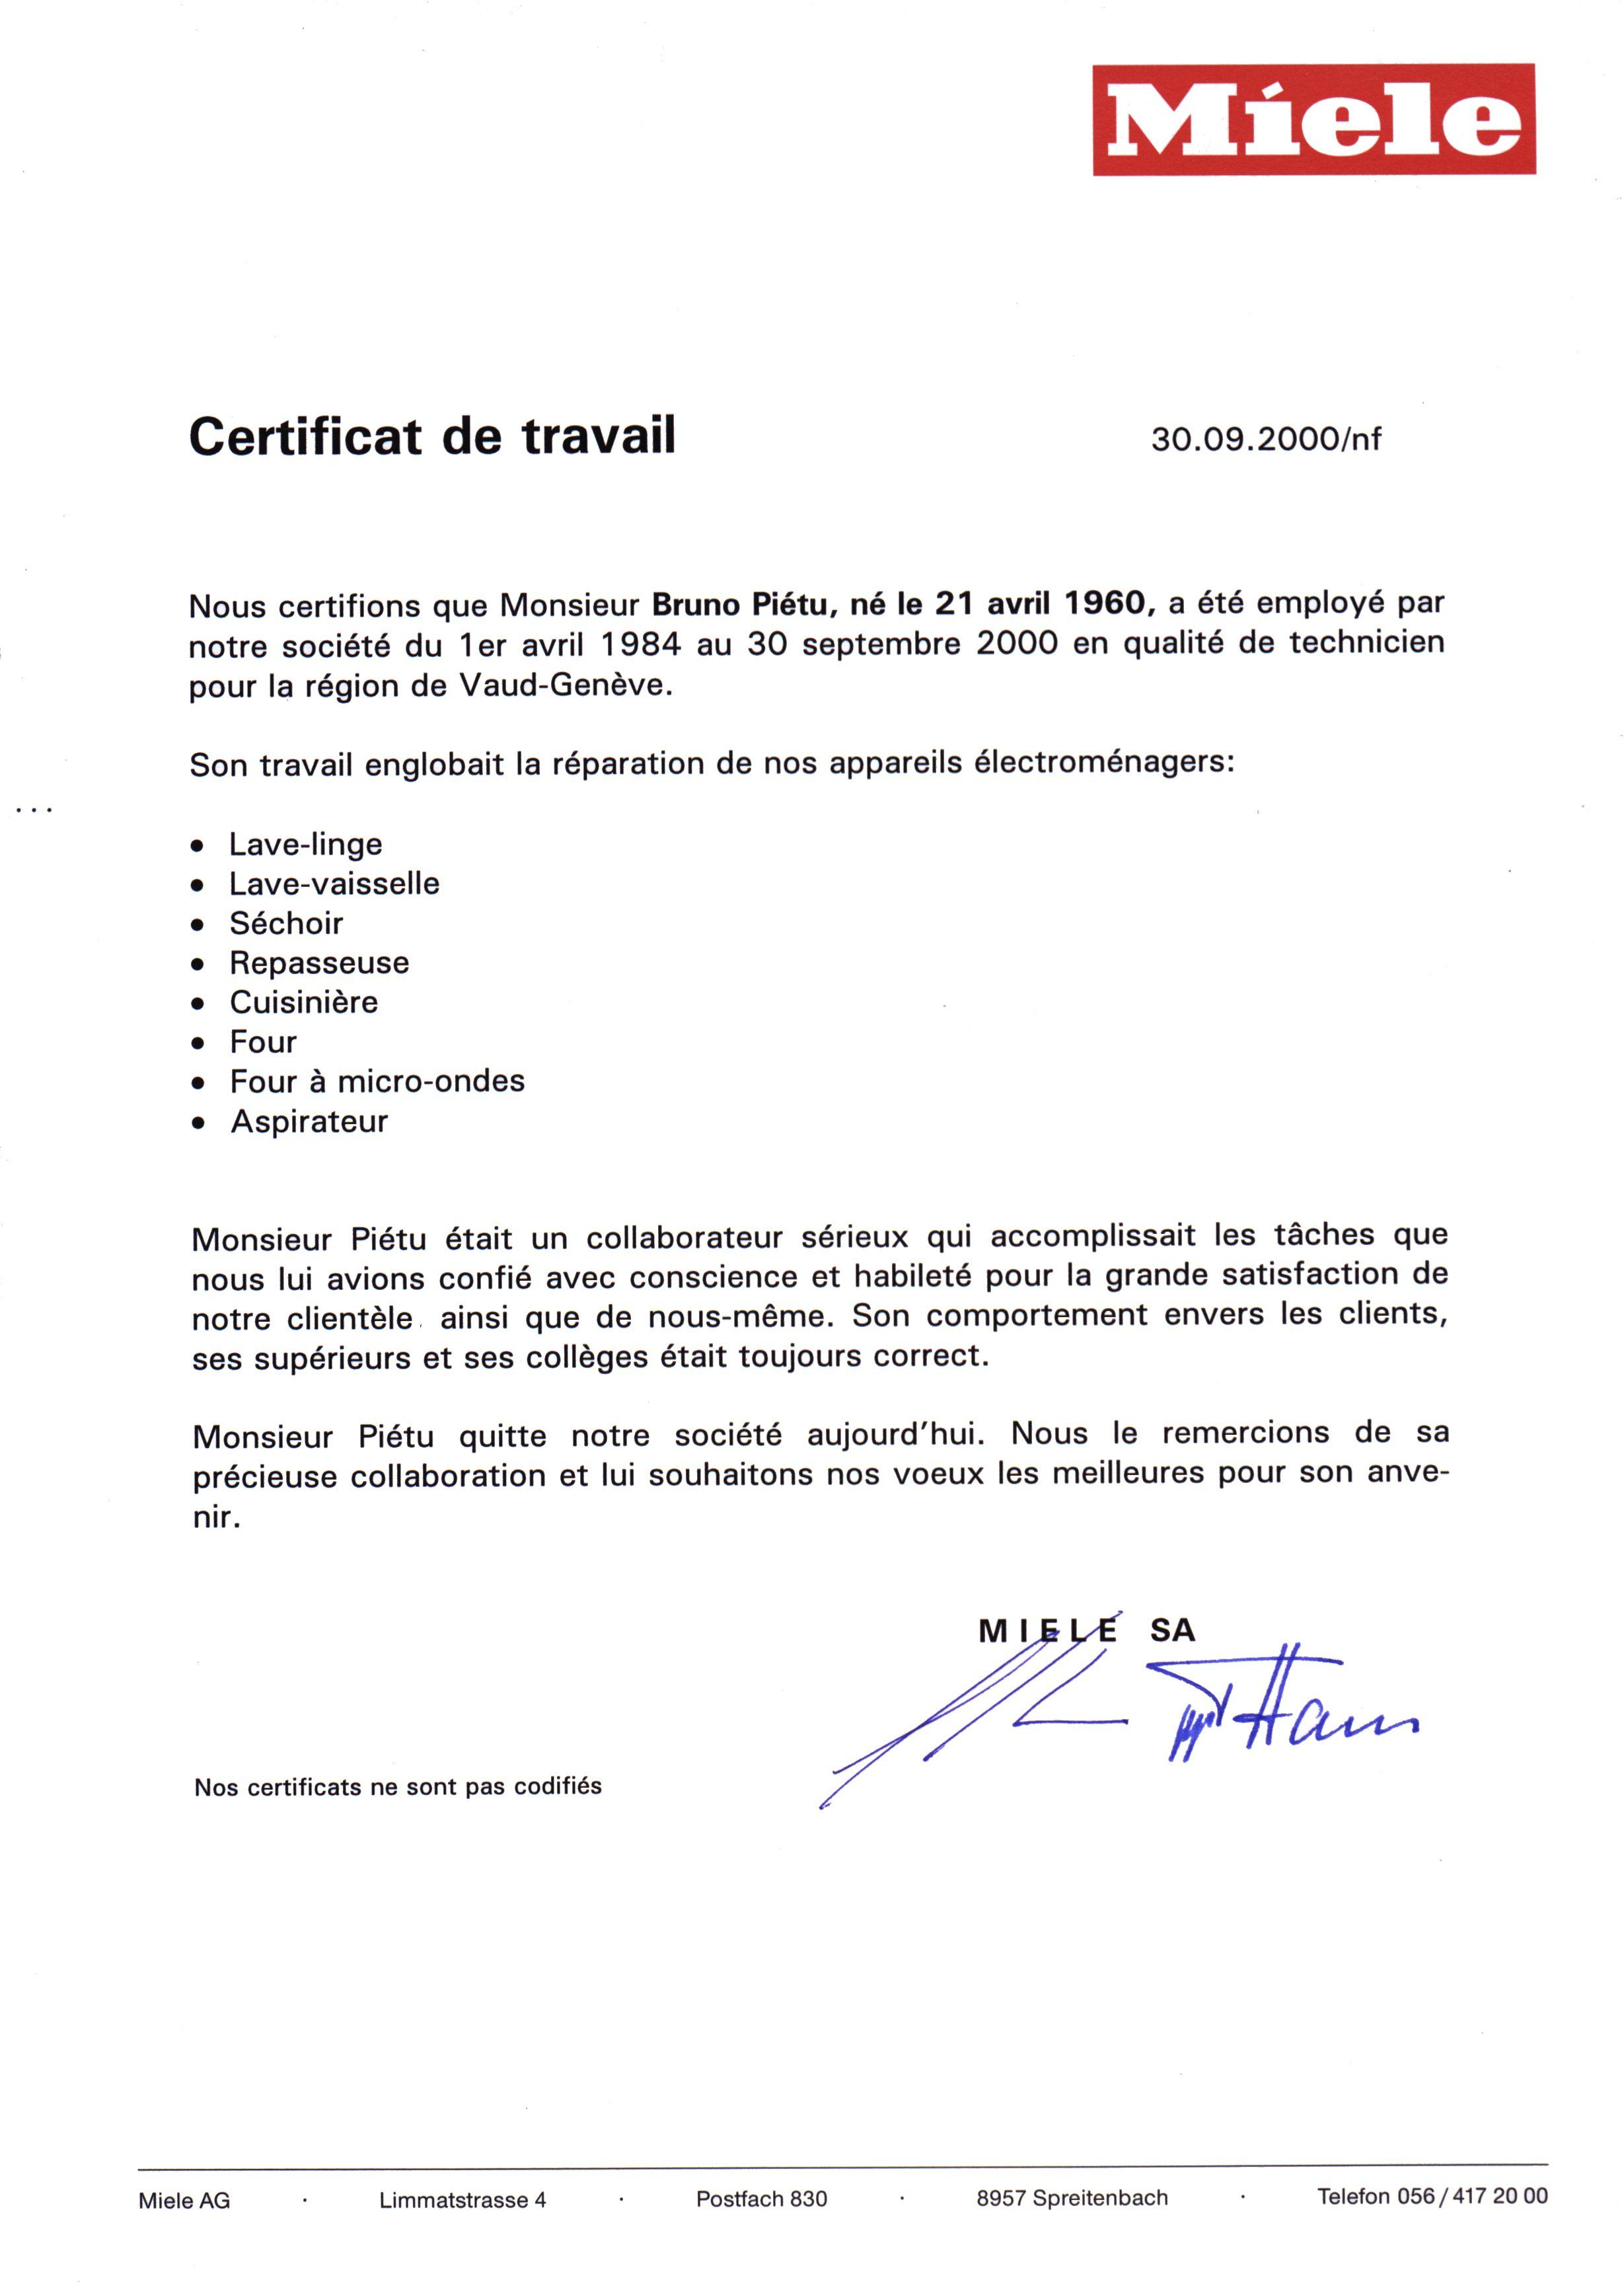 exemple certificat de travail mecanicien | Certificat de travail, Certificat, Travail